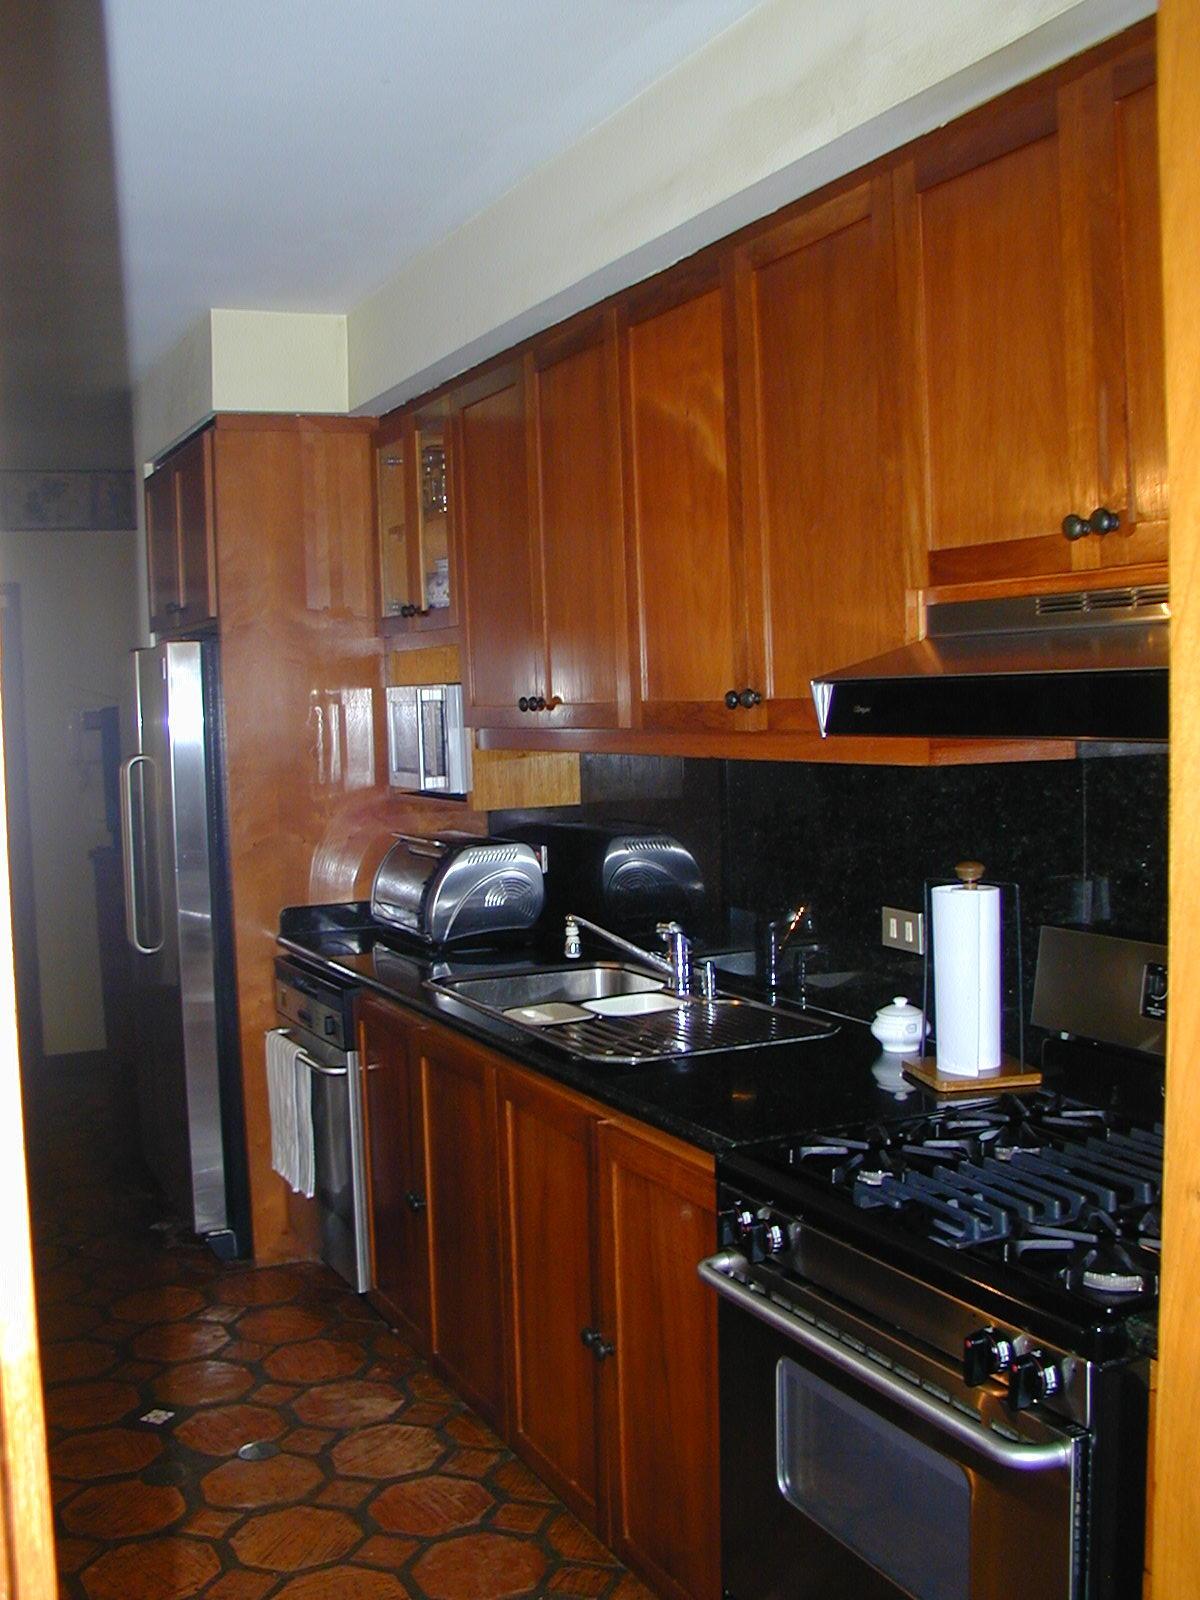 Cocina en caoba y puertas paneladas galera cocina en caoba y puertas paneladas thecheapjerseys Choice Image